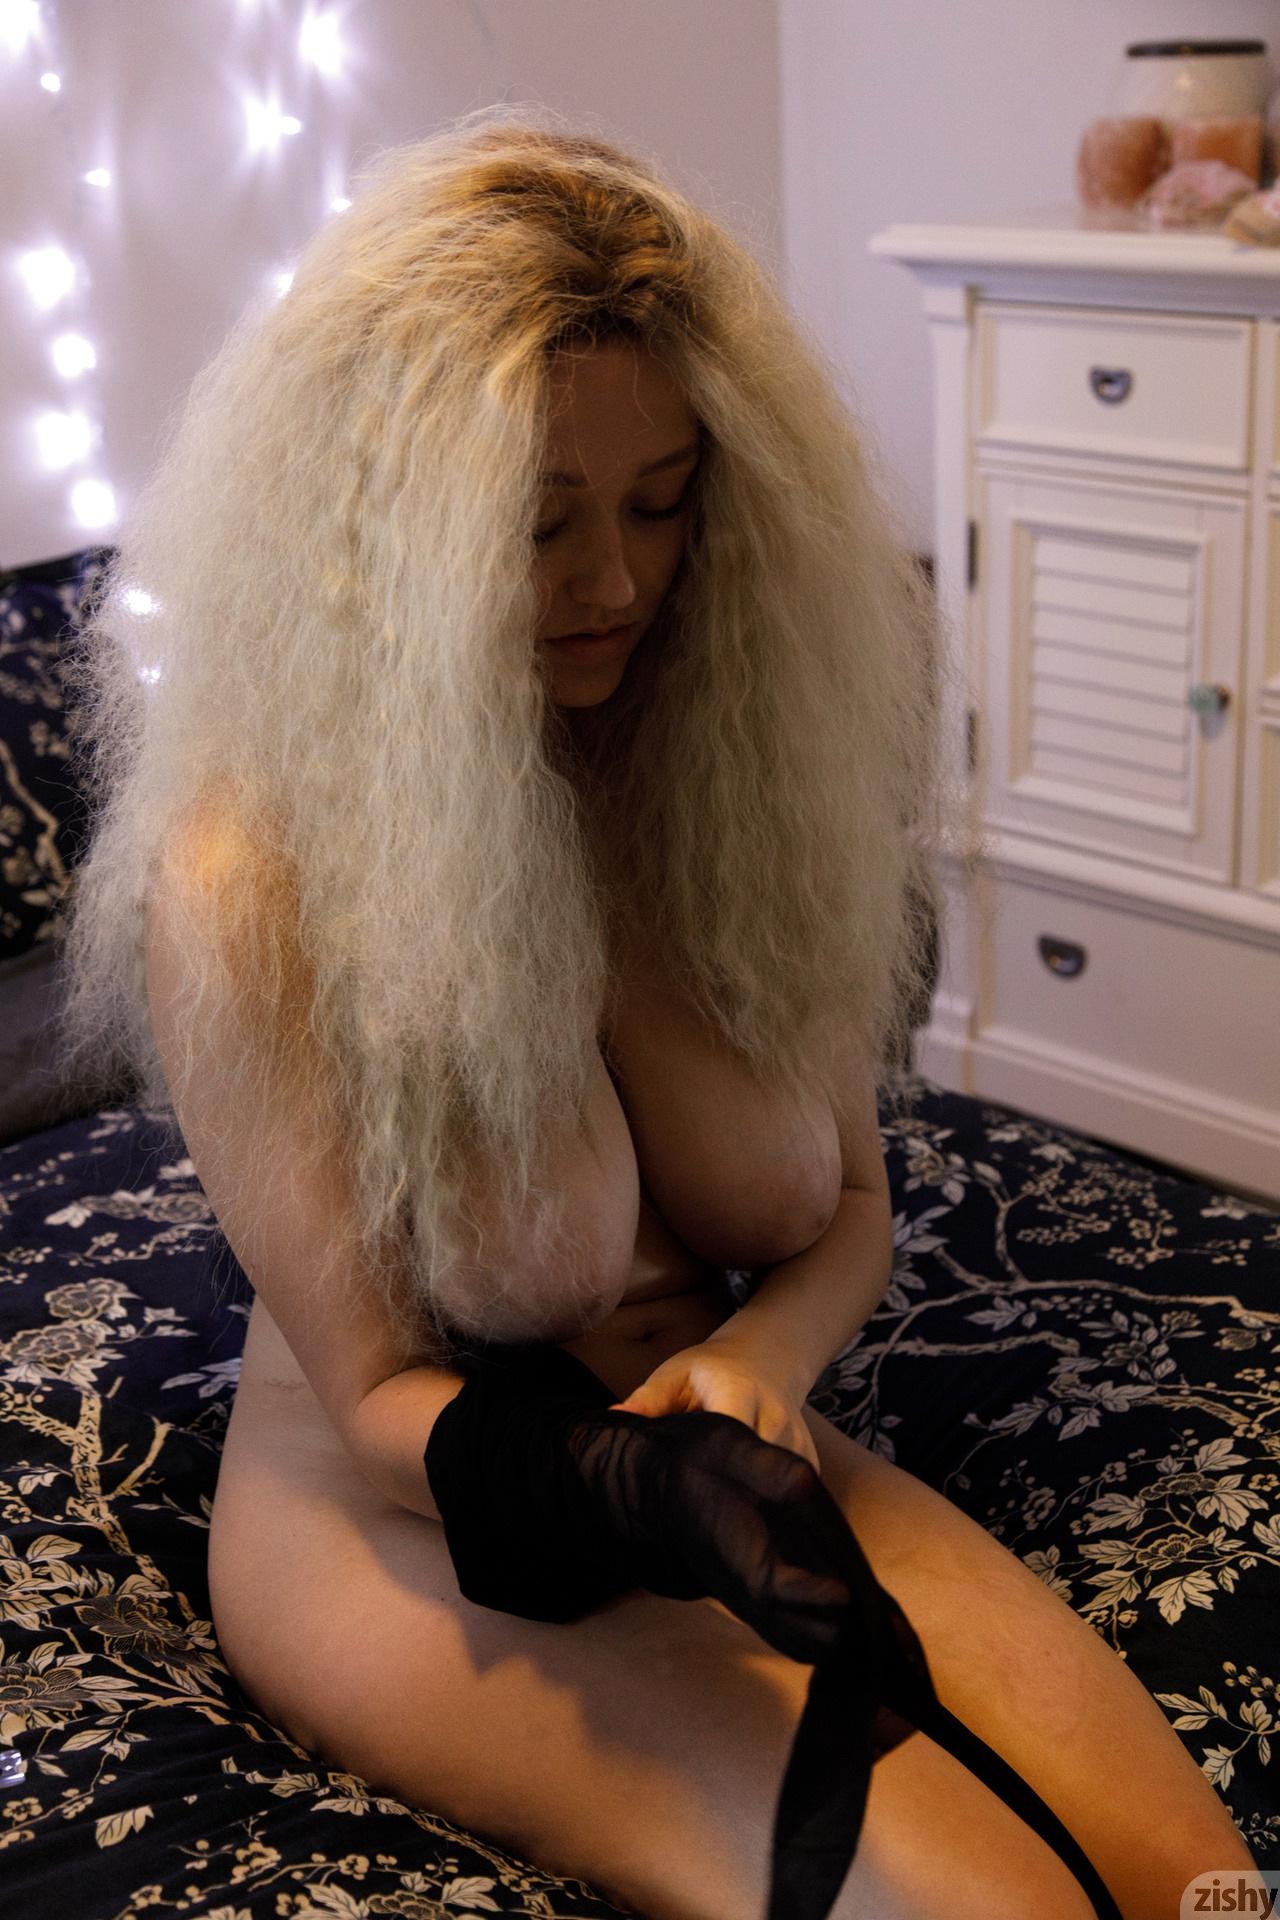 Sabrina Nichole Wigging Out Zishy (15)